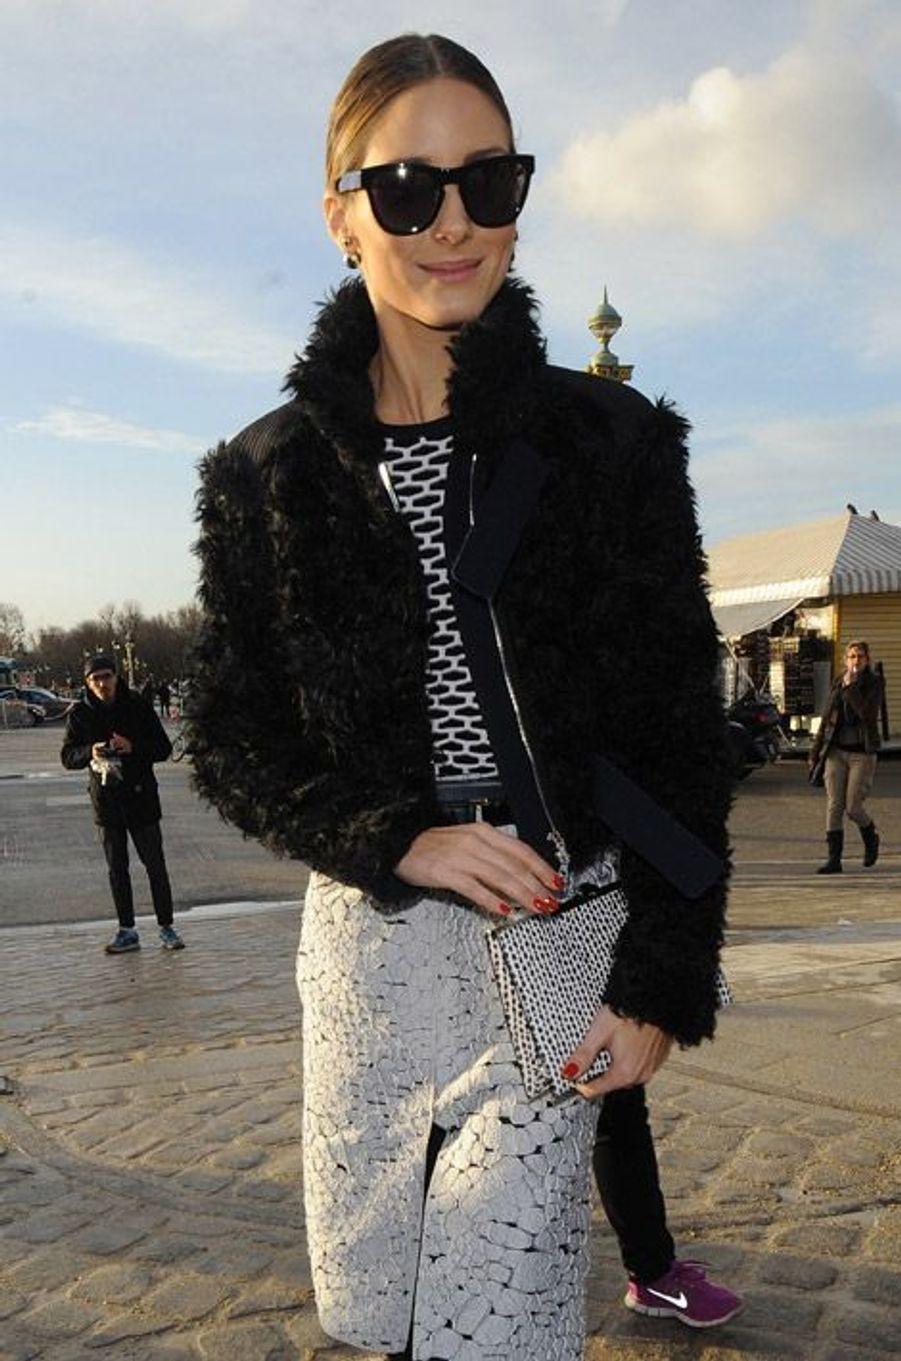 La styliste Olivia Palermo pendant la Fashion Week de Paris, le 27 février 2014